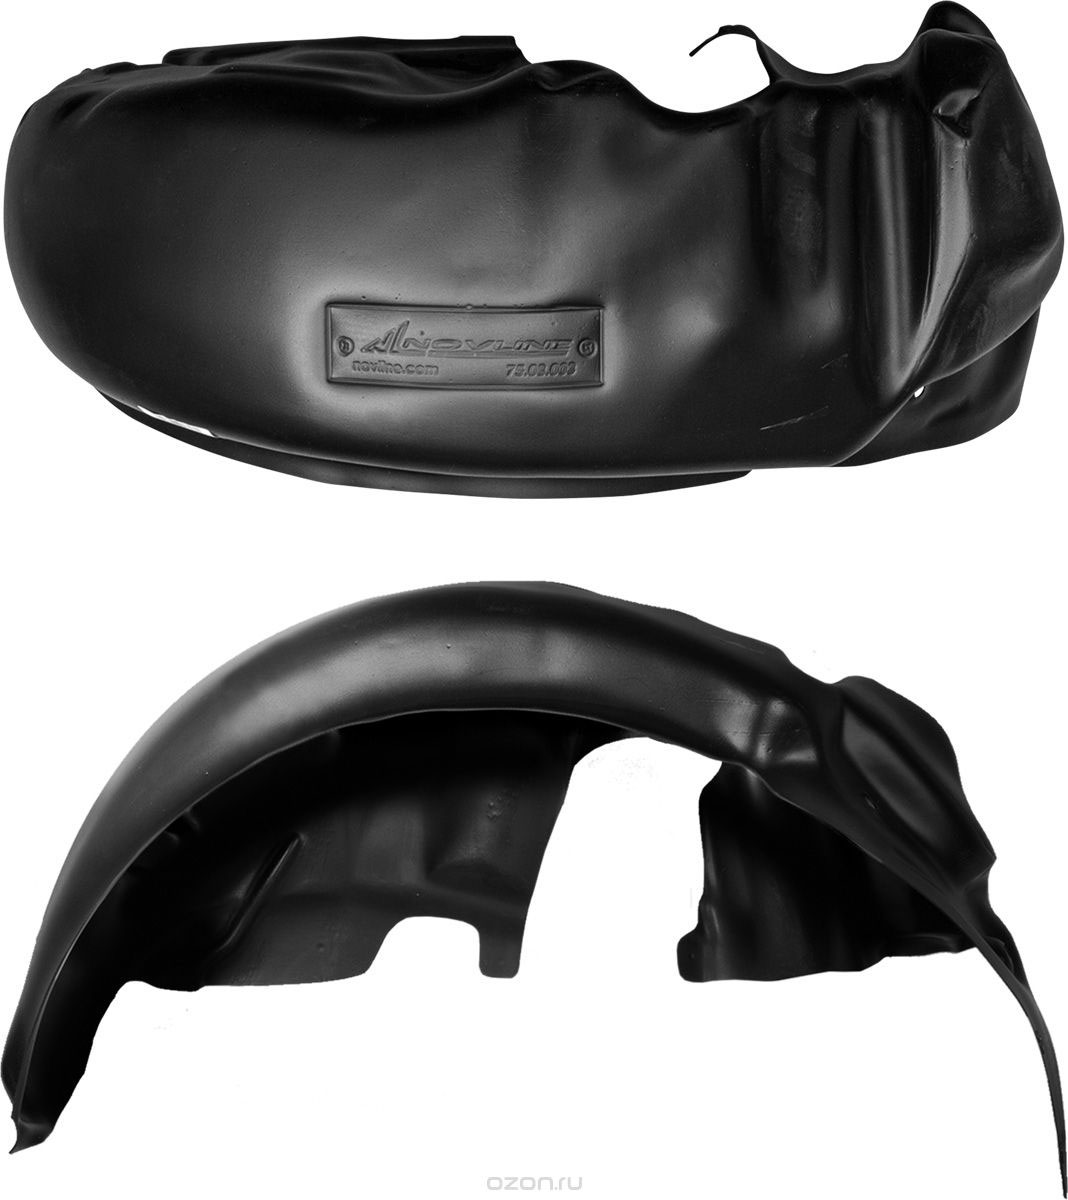 Подкрылок Novline-Autofamily, для TOYOTA Corolla 01/2007-2010, 2010-2013, передний левый44005004Идеальная защита колесной ниши. Локеры разработаны с применением цифровых технологий, гарантируют максимальную повторяемость поверхности арки. Изделия устанавливаются без нарушения лакокрасочного покрытия автомобиля, каждый подкрылок комплектуется крепежом. Уважаемые клиенты, обращаем ваше внимание, что фотографии на подкрылки универсальные и не отражают реальную форму изделия. При этом само изделие идет точно под размер указанного автомобиля.